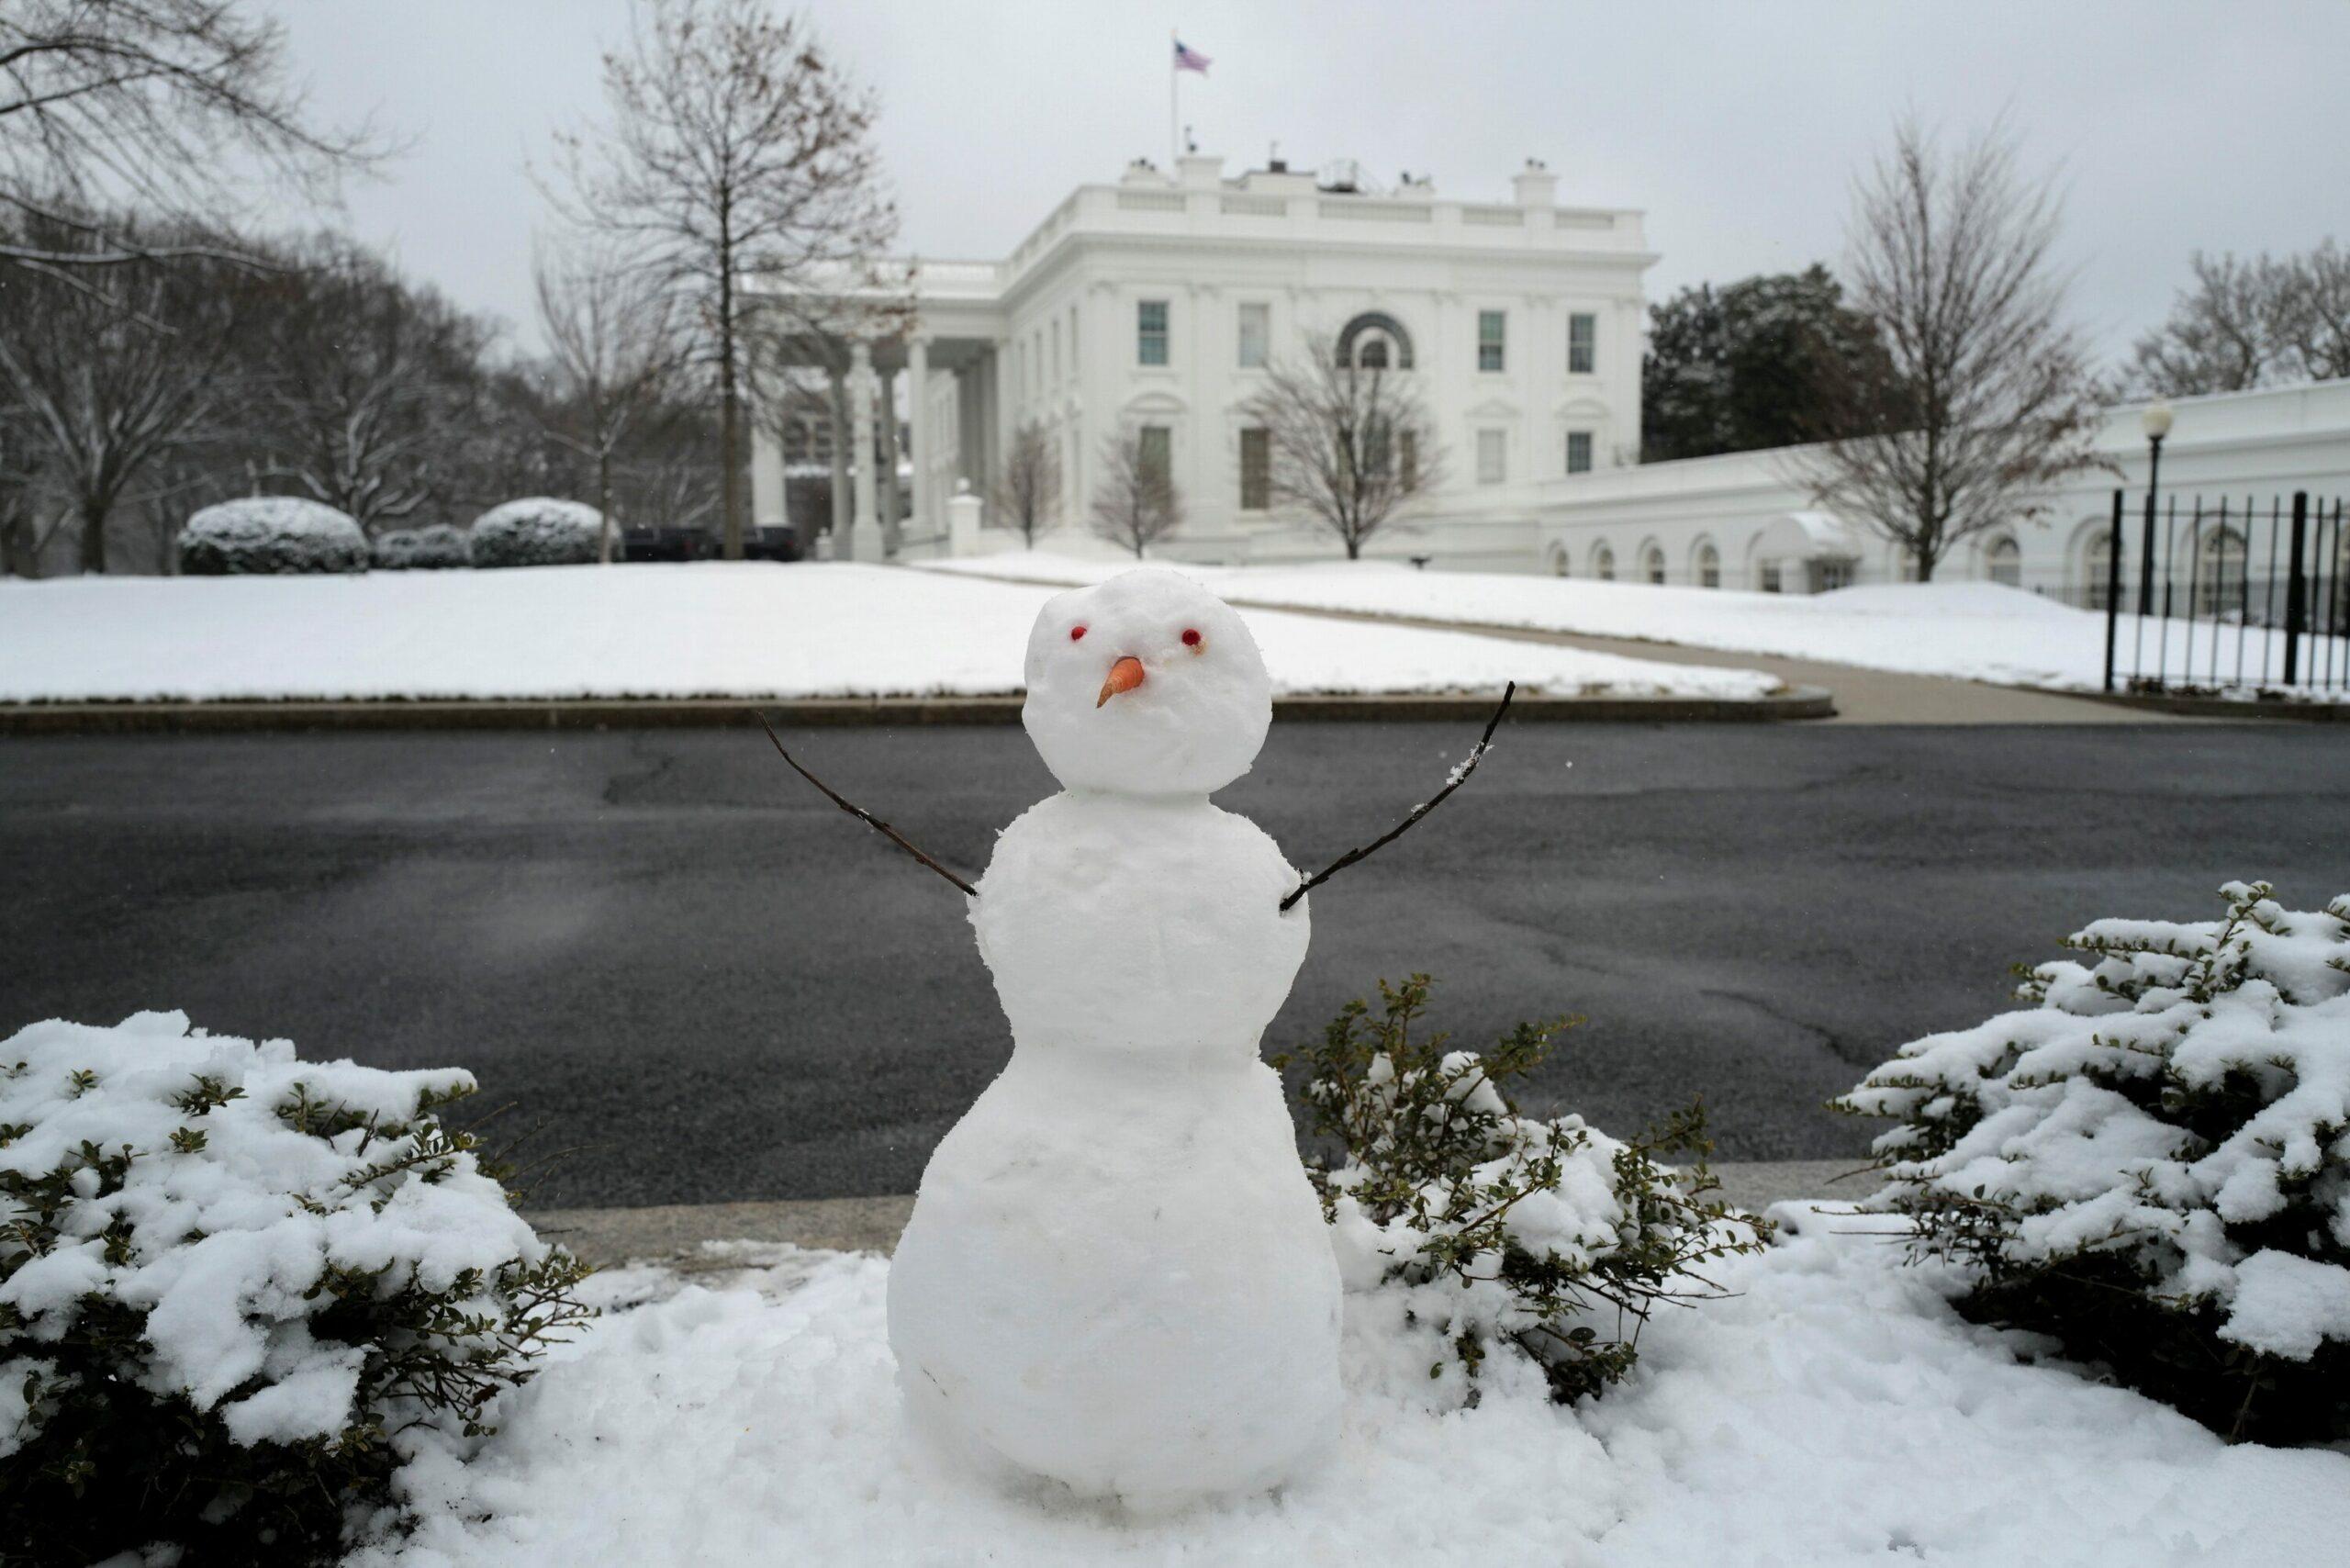 มะกันเตือนภัย หิมะถล่มหนักชายฝั่งตะวันออก คาดสูงกว่า 45-60 ซม.